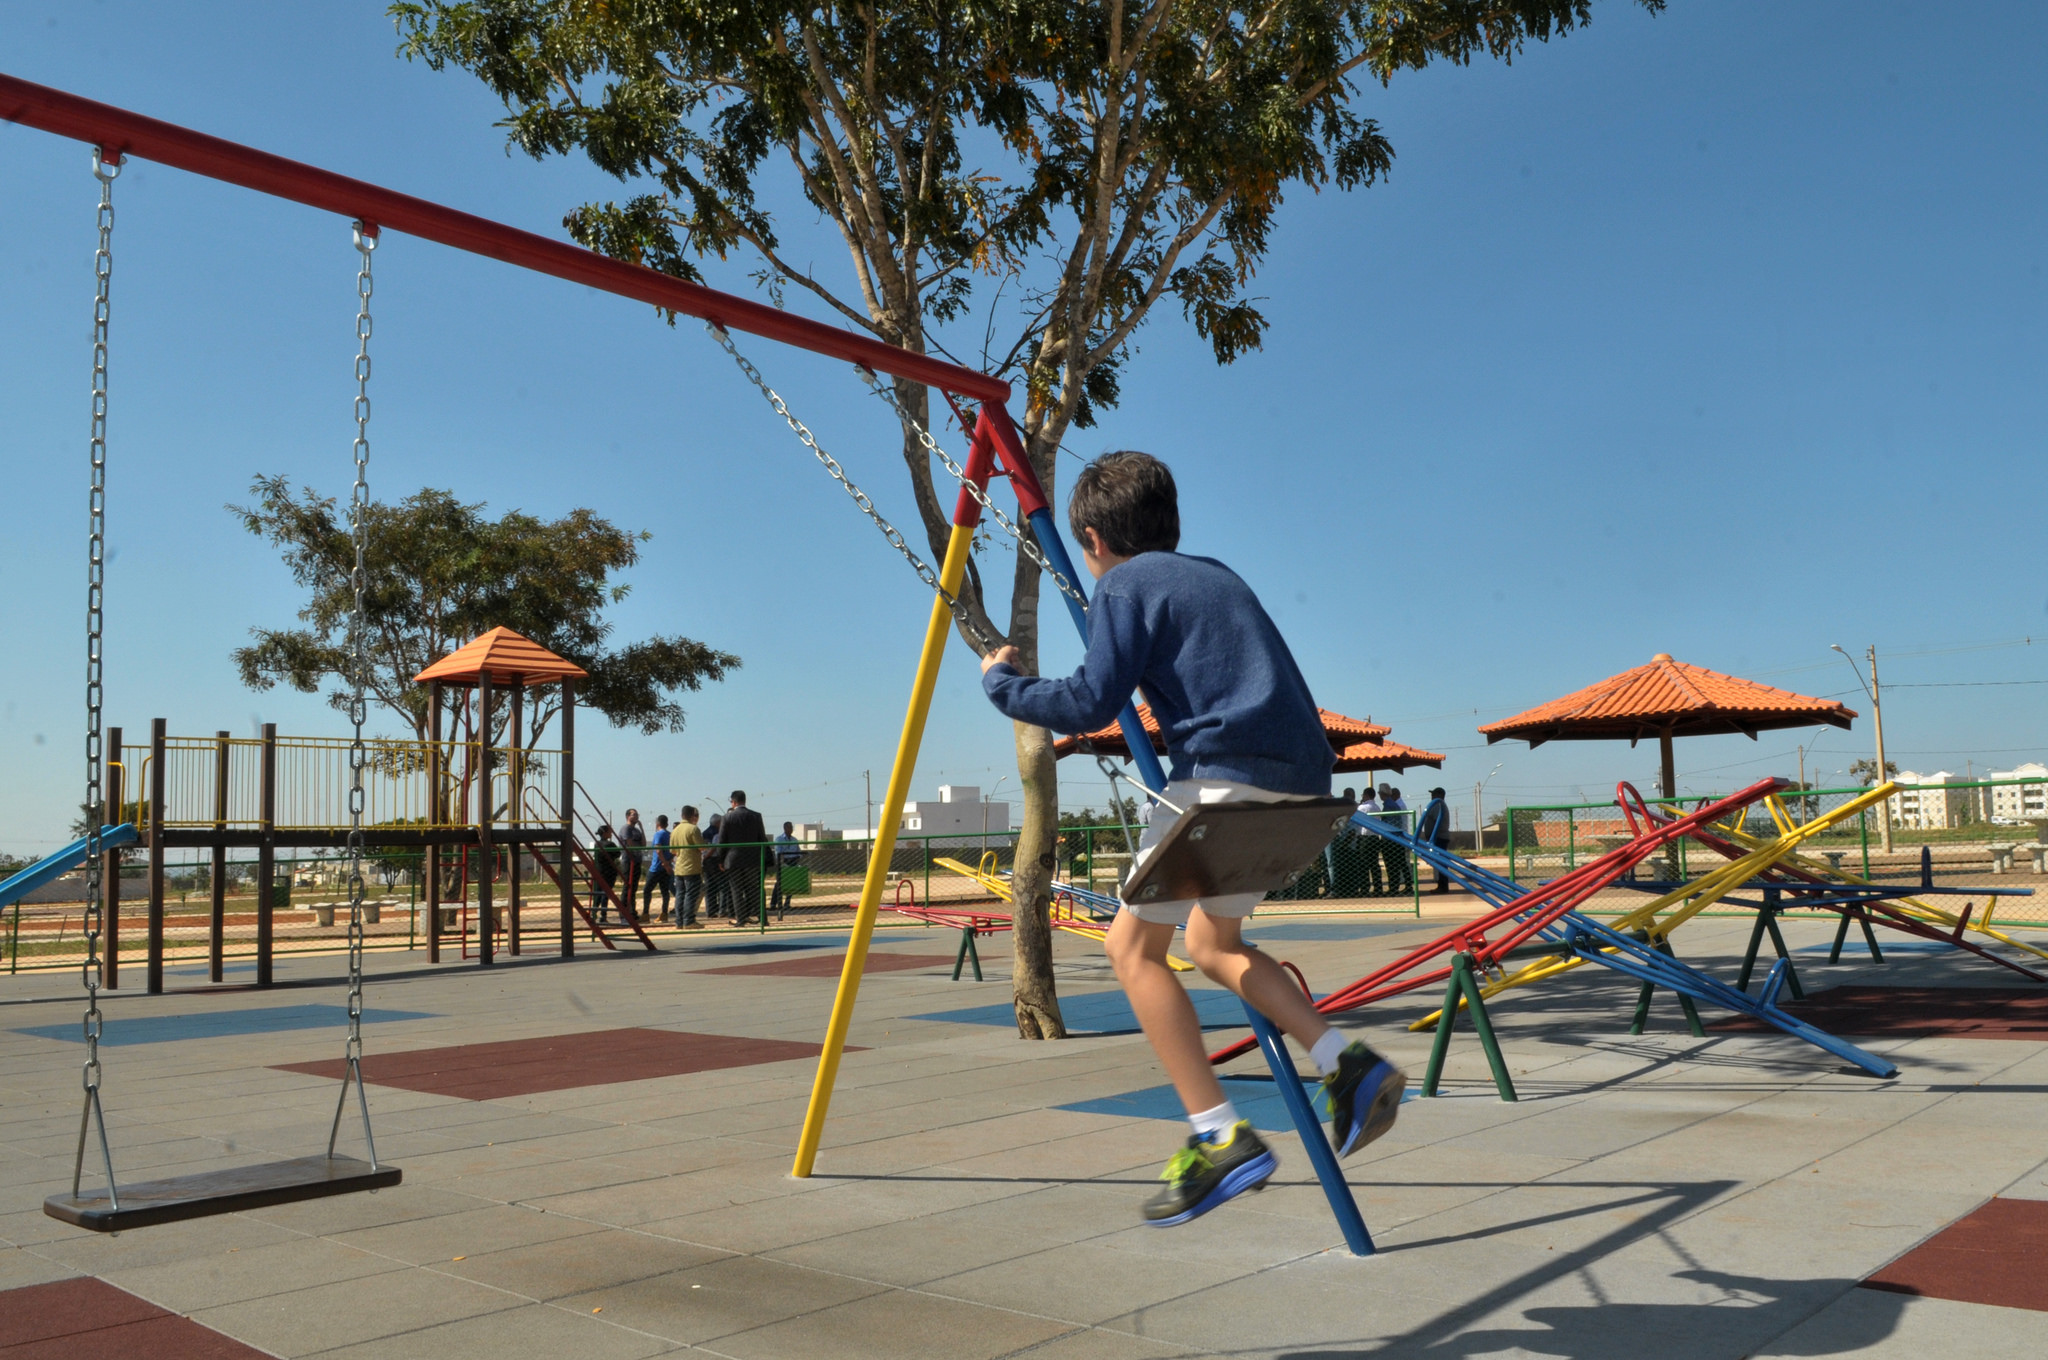 Direitos Humanos - criança - lazer parque infantil balanço solidão